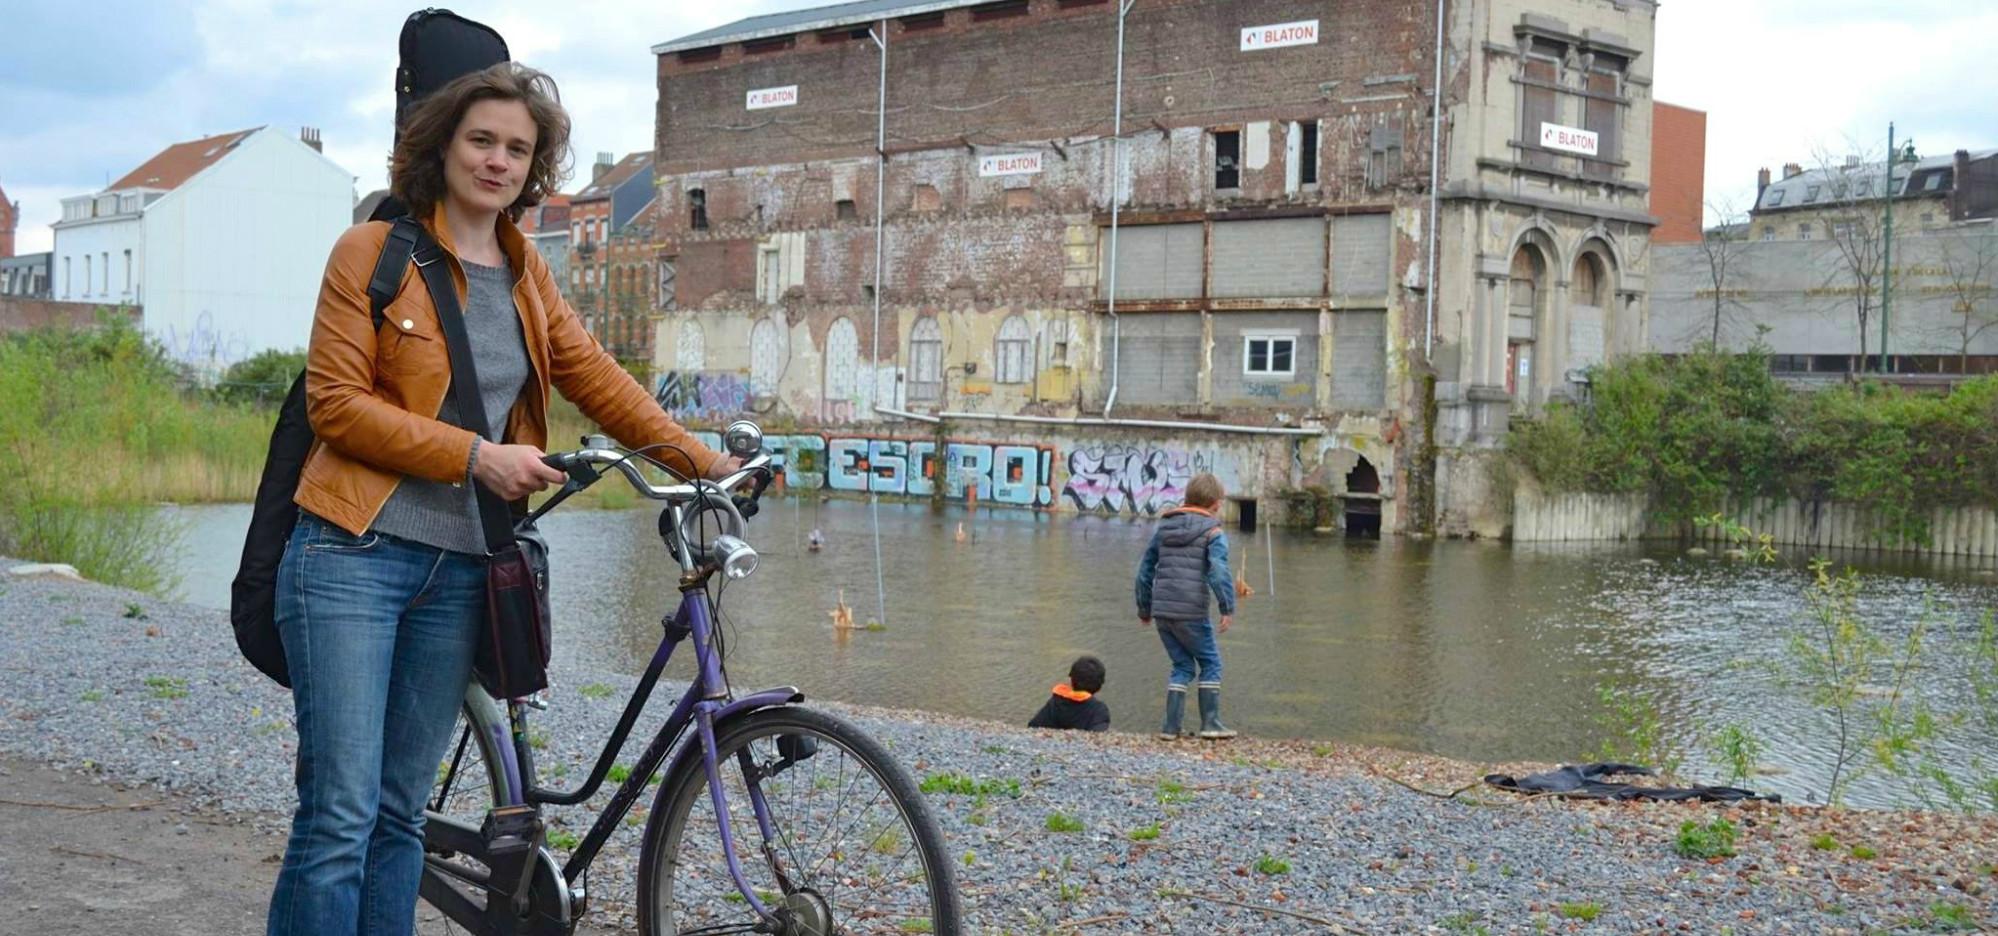 le vélo c'est le transport le plus efficace en ville